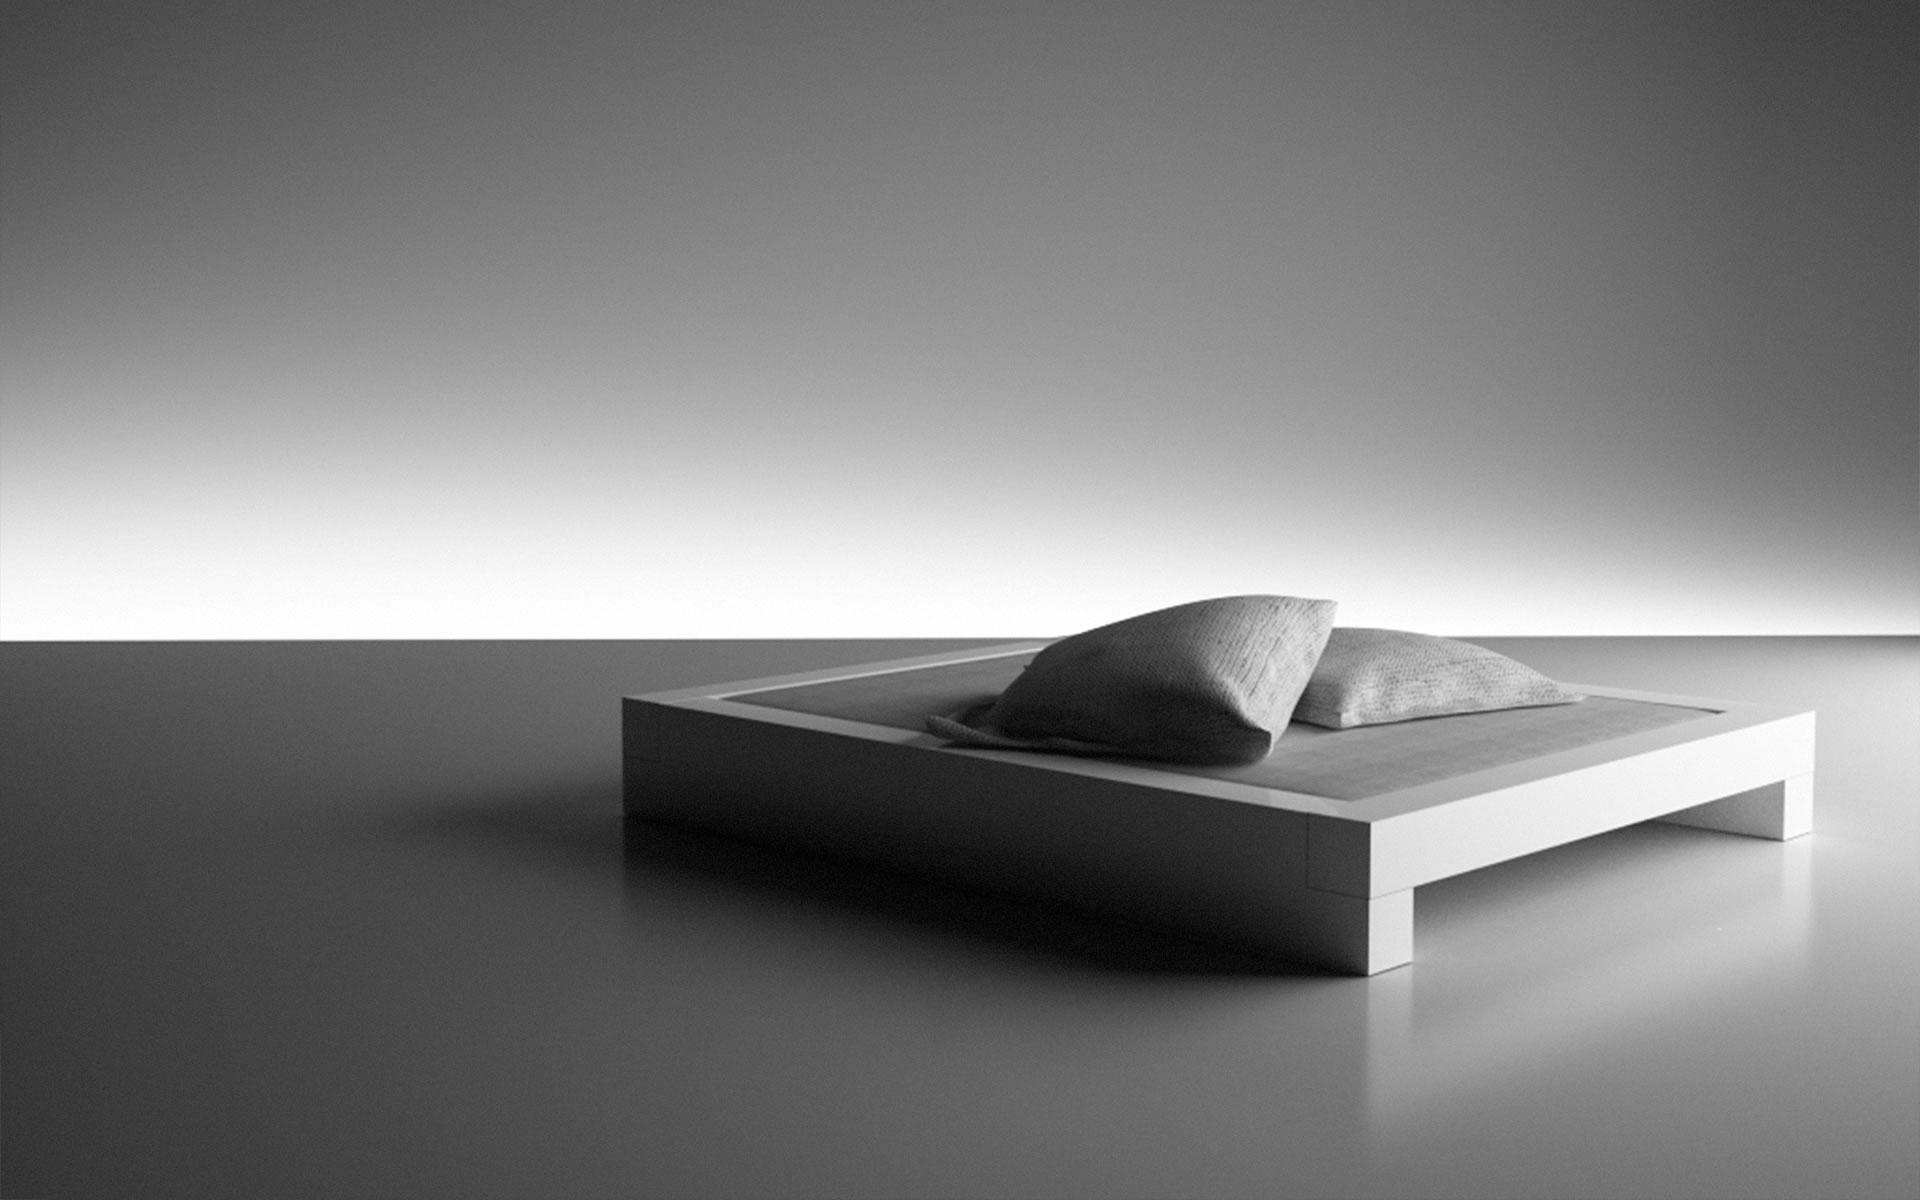 Full Size of Bett Somnium Minimalistisches Design Von 140x200 Kleinkind Günstige Betten Clinique Even Better Make Up Bock Balken Ikea 160x200 Modernes 180x200 Komplett Mit Wohnzimmer Flaches Bett